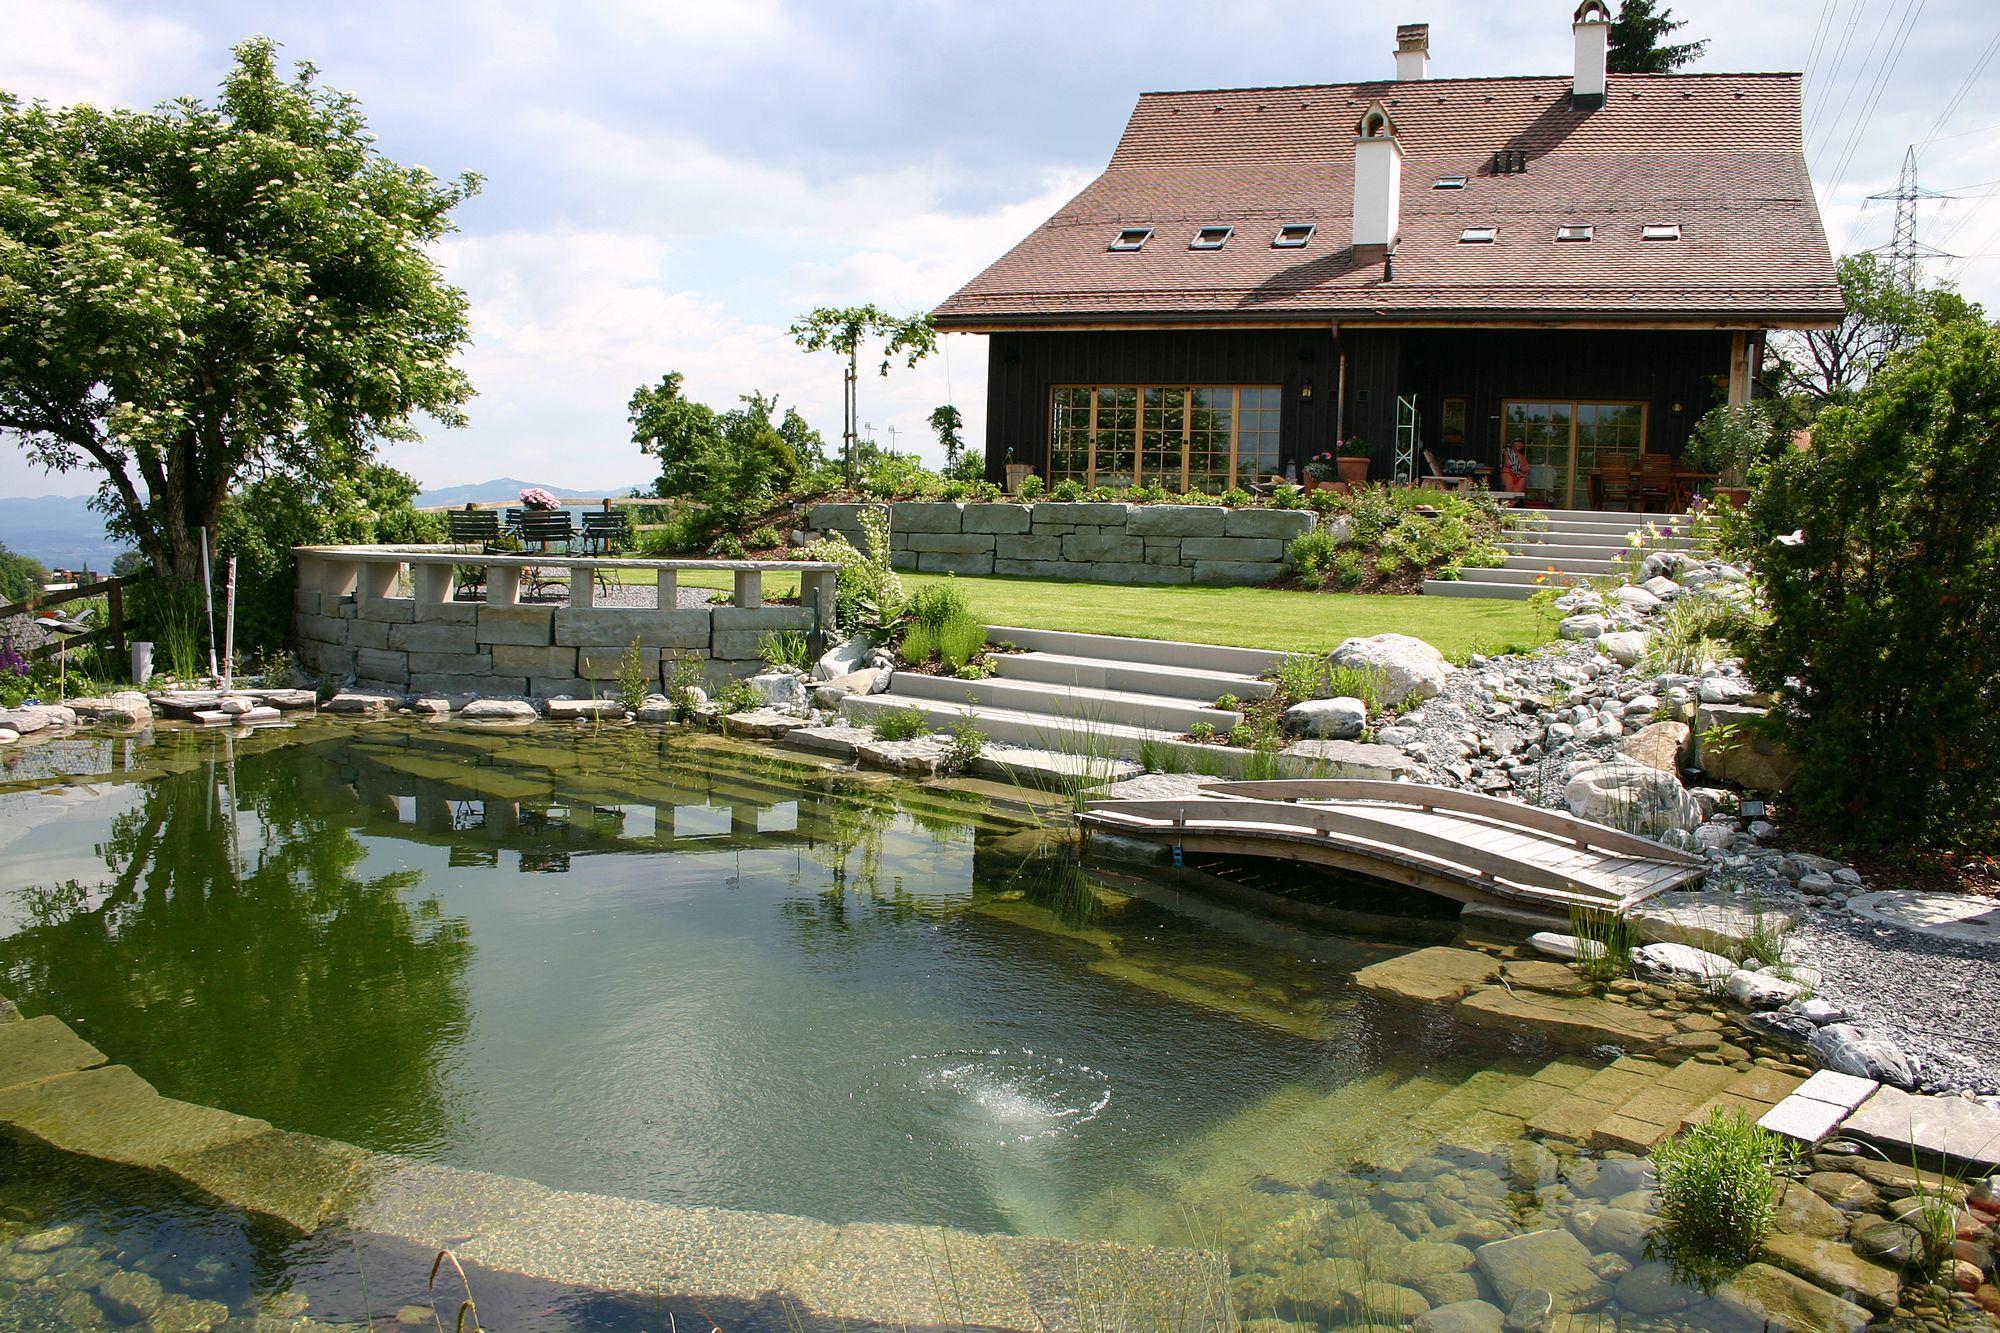 Klassikteich schwimmteich kategorie 2 egli jona ag for Naturteich schwimmteich